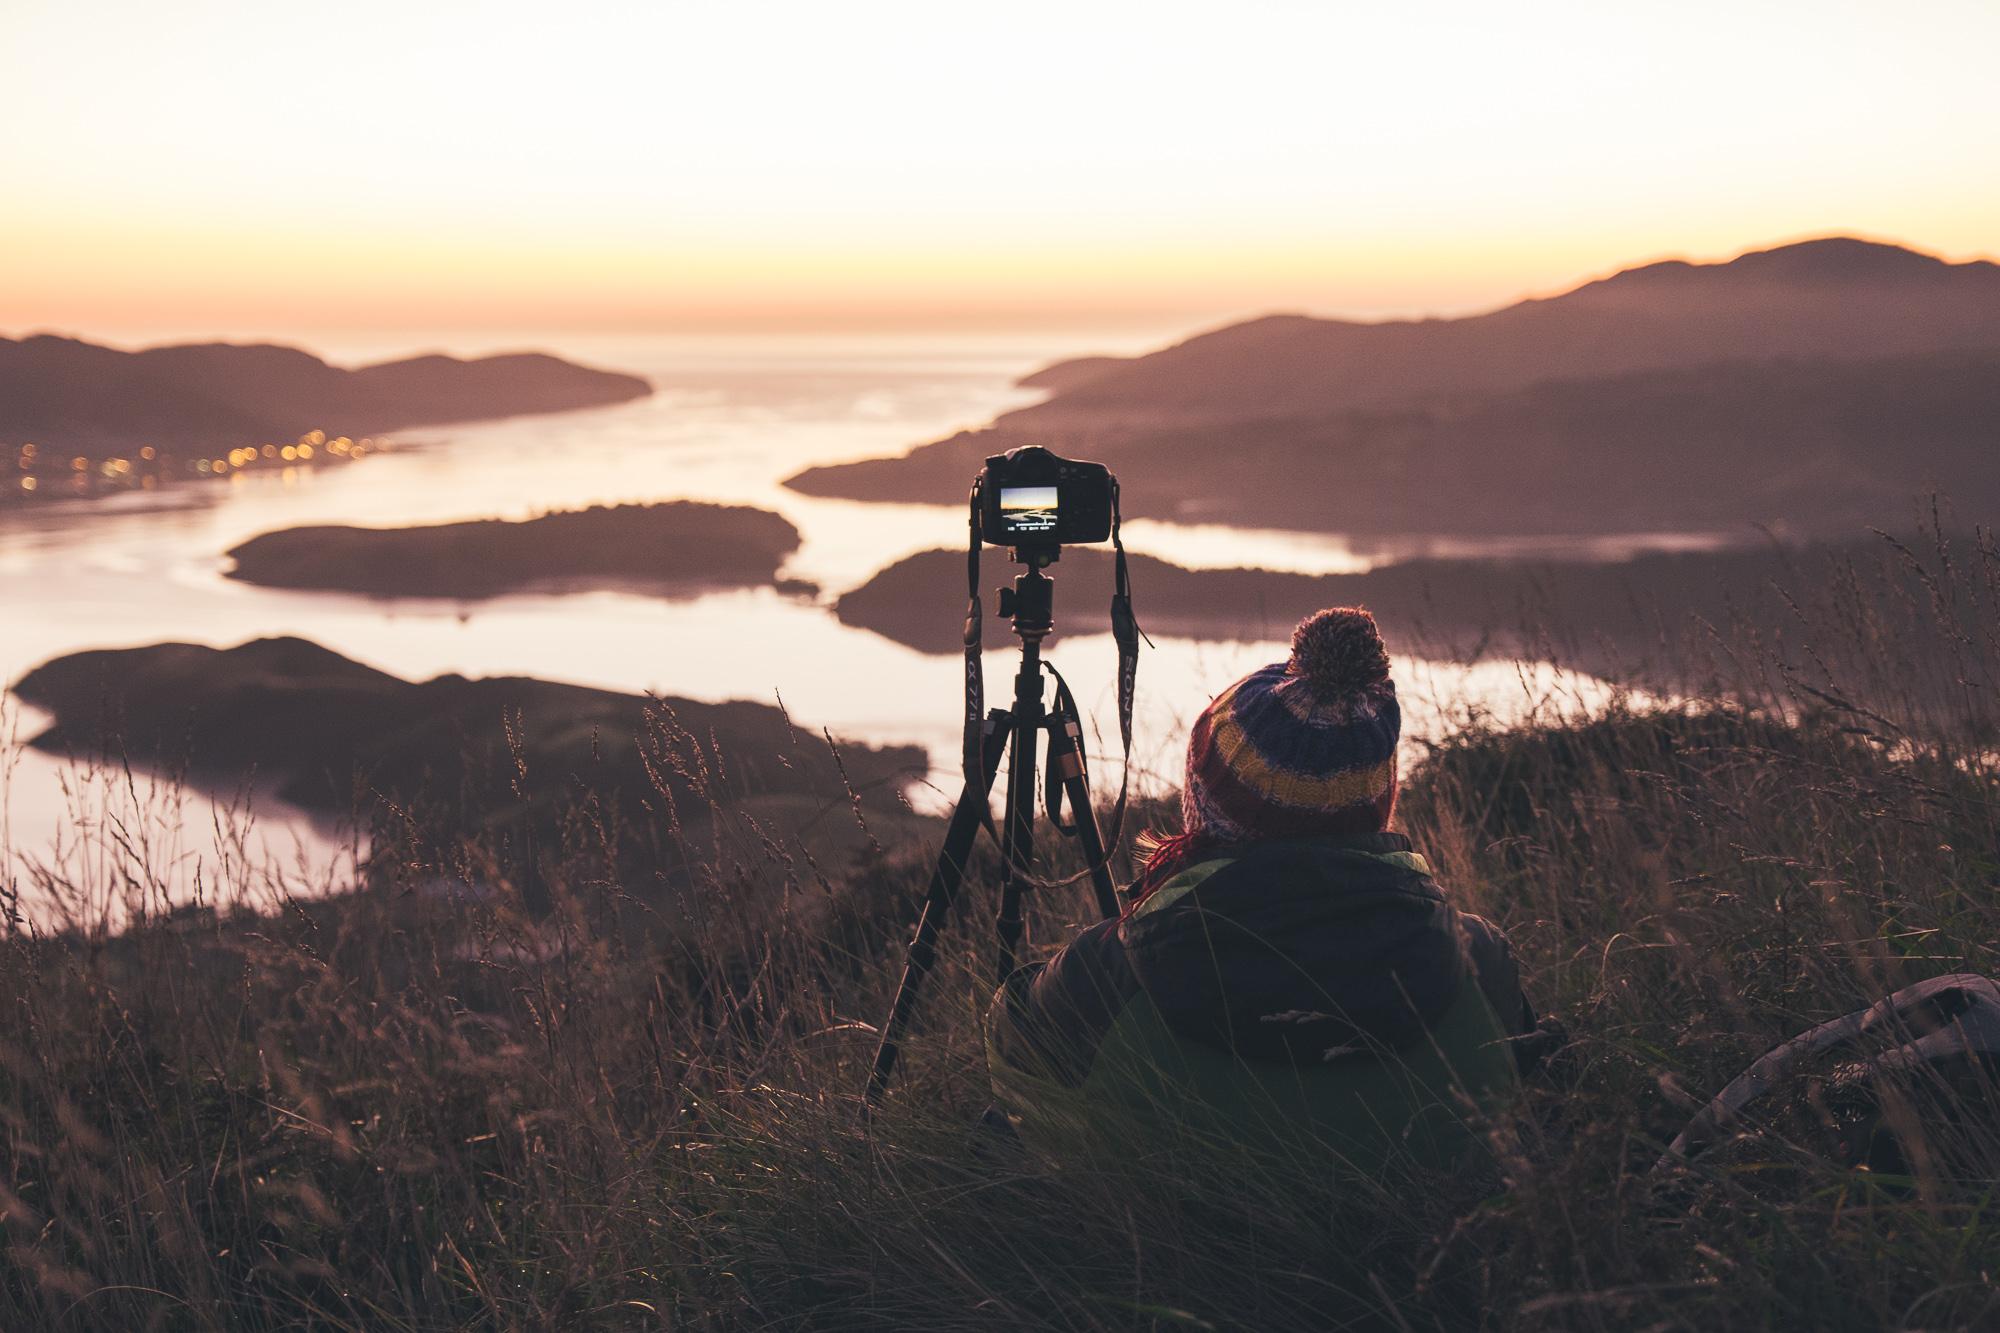 photography-workshop-lyttelton03.jpg